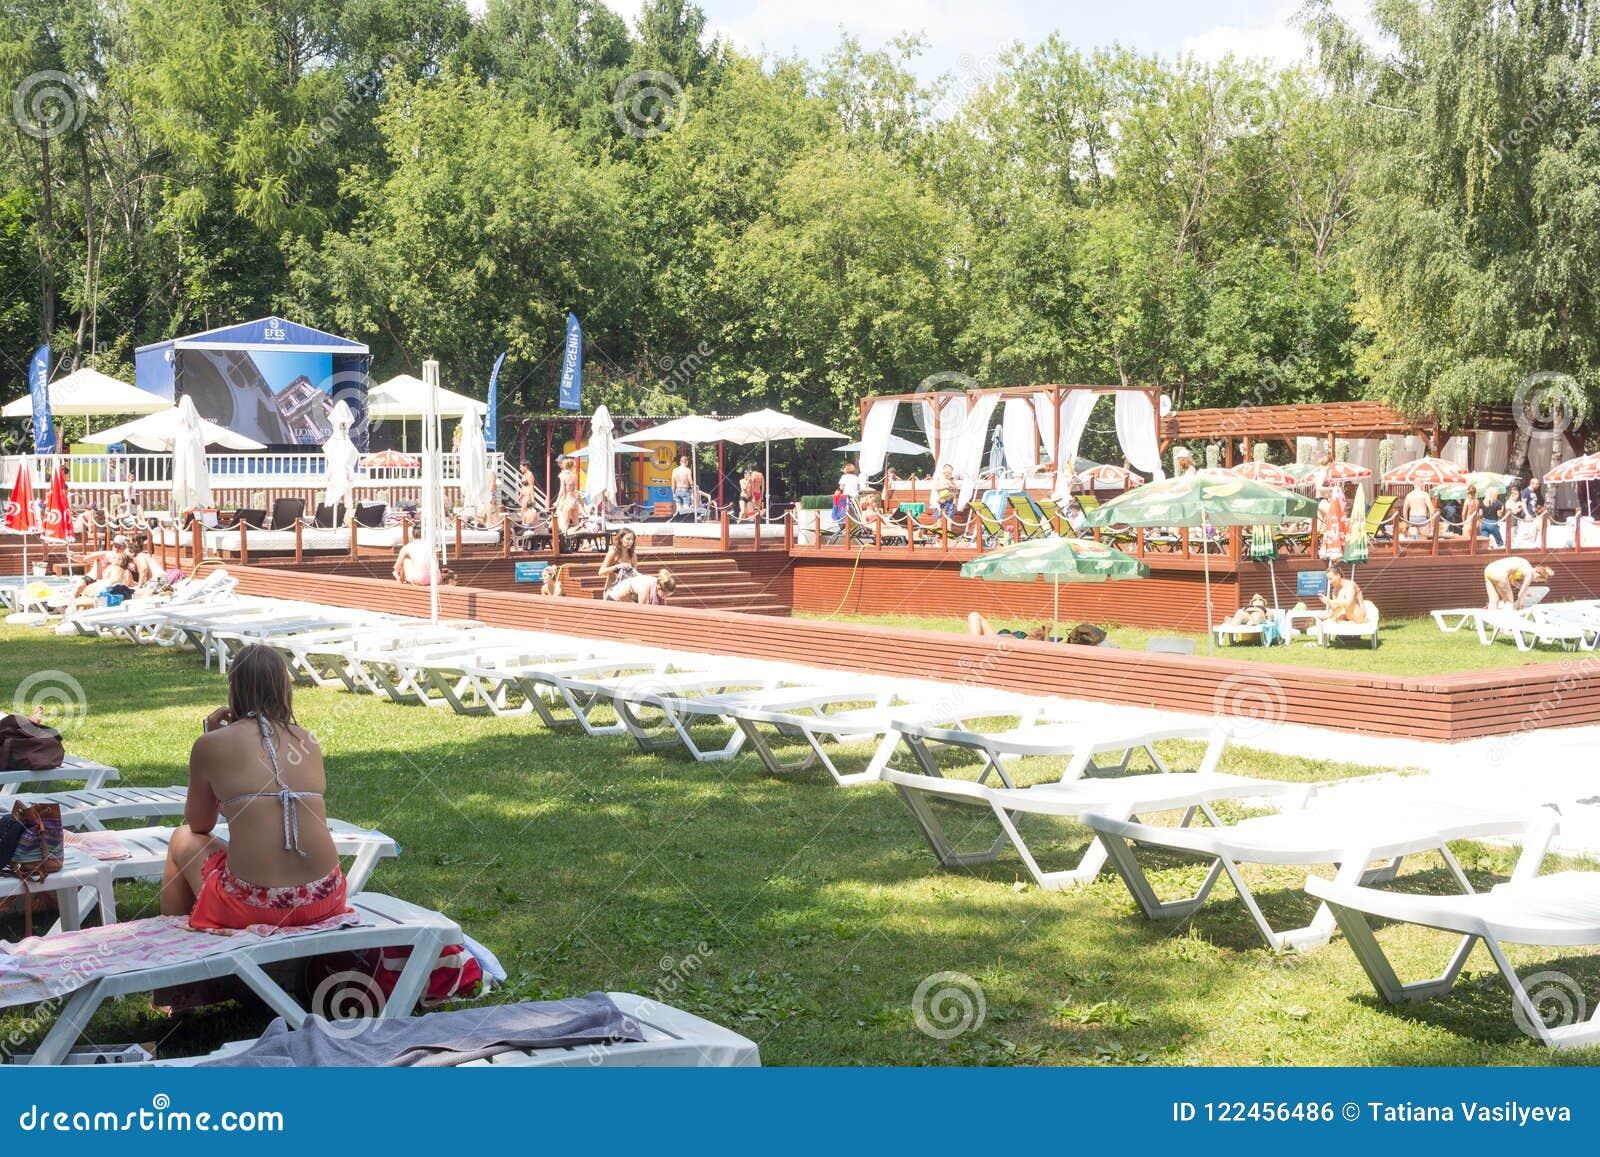 The Pool in Sokolniki 63